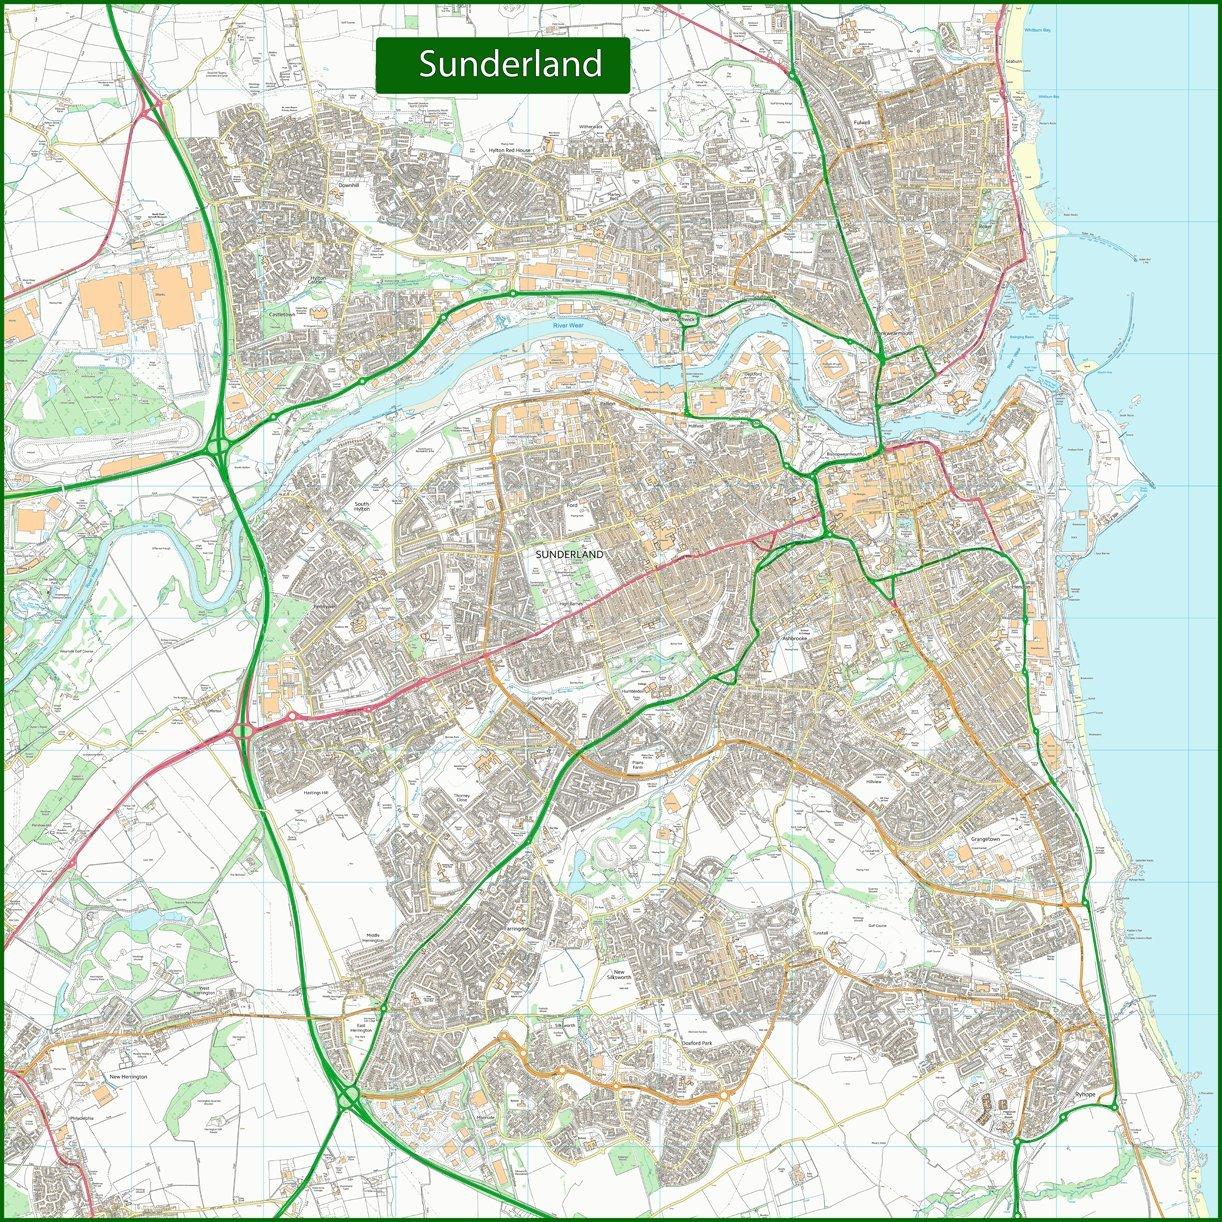 Sunderland calle calle Sunderland mapa – 135 x 135 cm f600d5